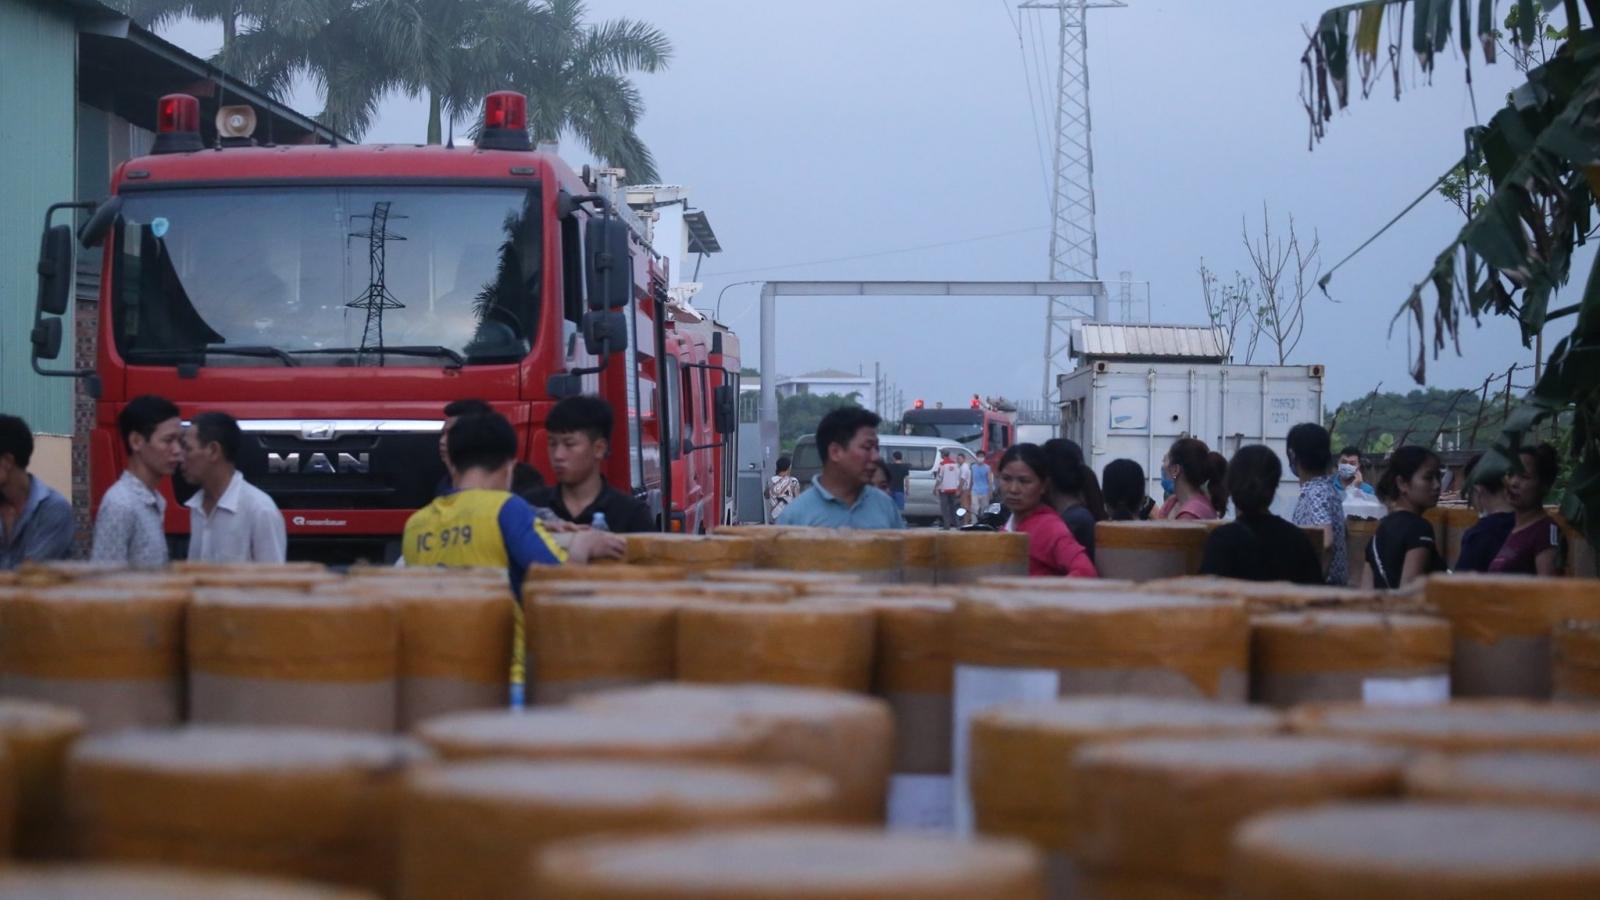 Hiện trường vụ cháy xưởng gỗ ở Cụm Công nghiệp Bình Phú - Hà Nội